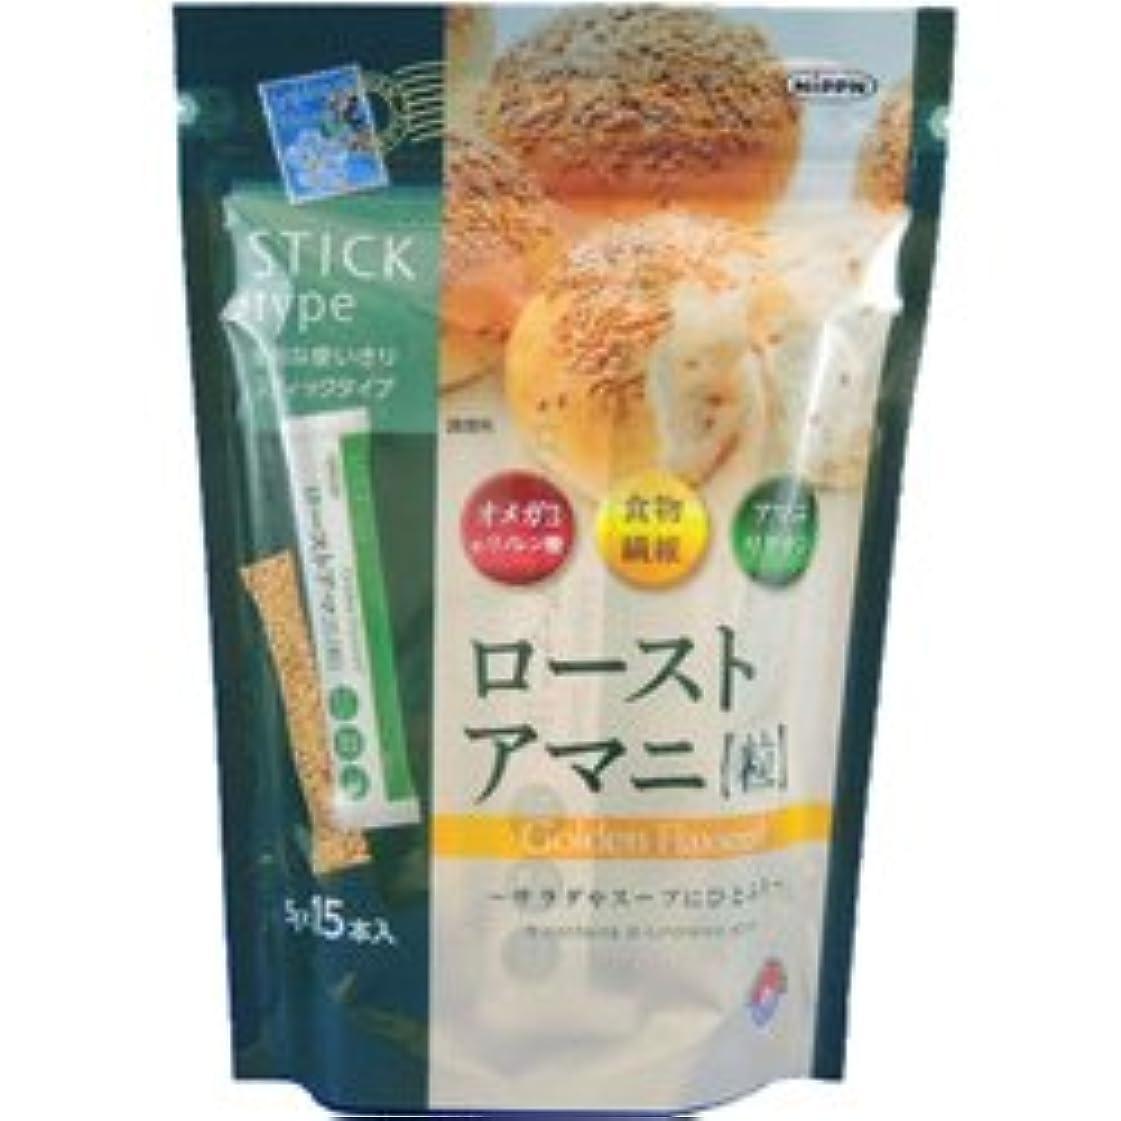 曲げるピケ許可【日本製粉】ローストアマニ粒 75g ×5個セット